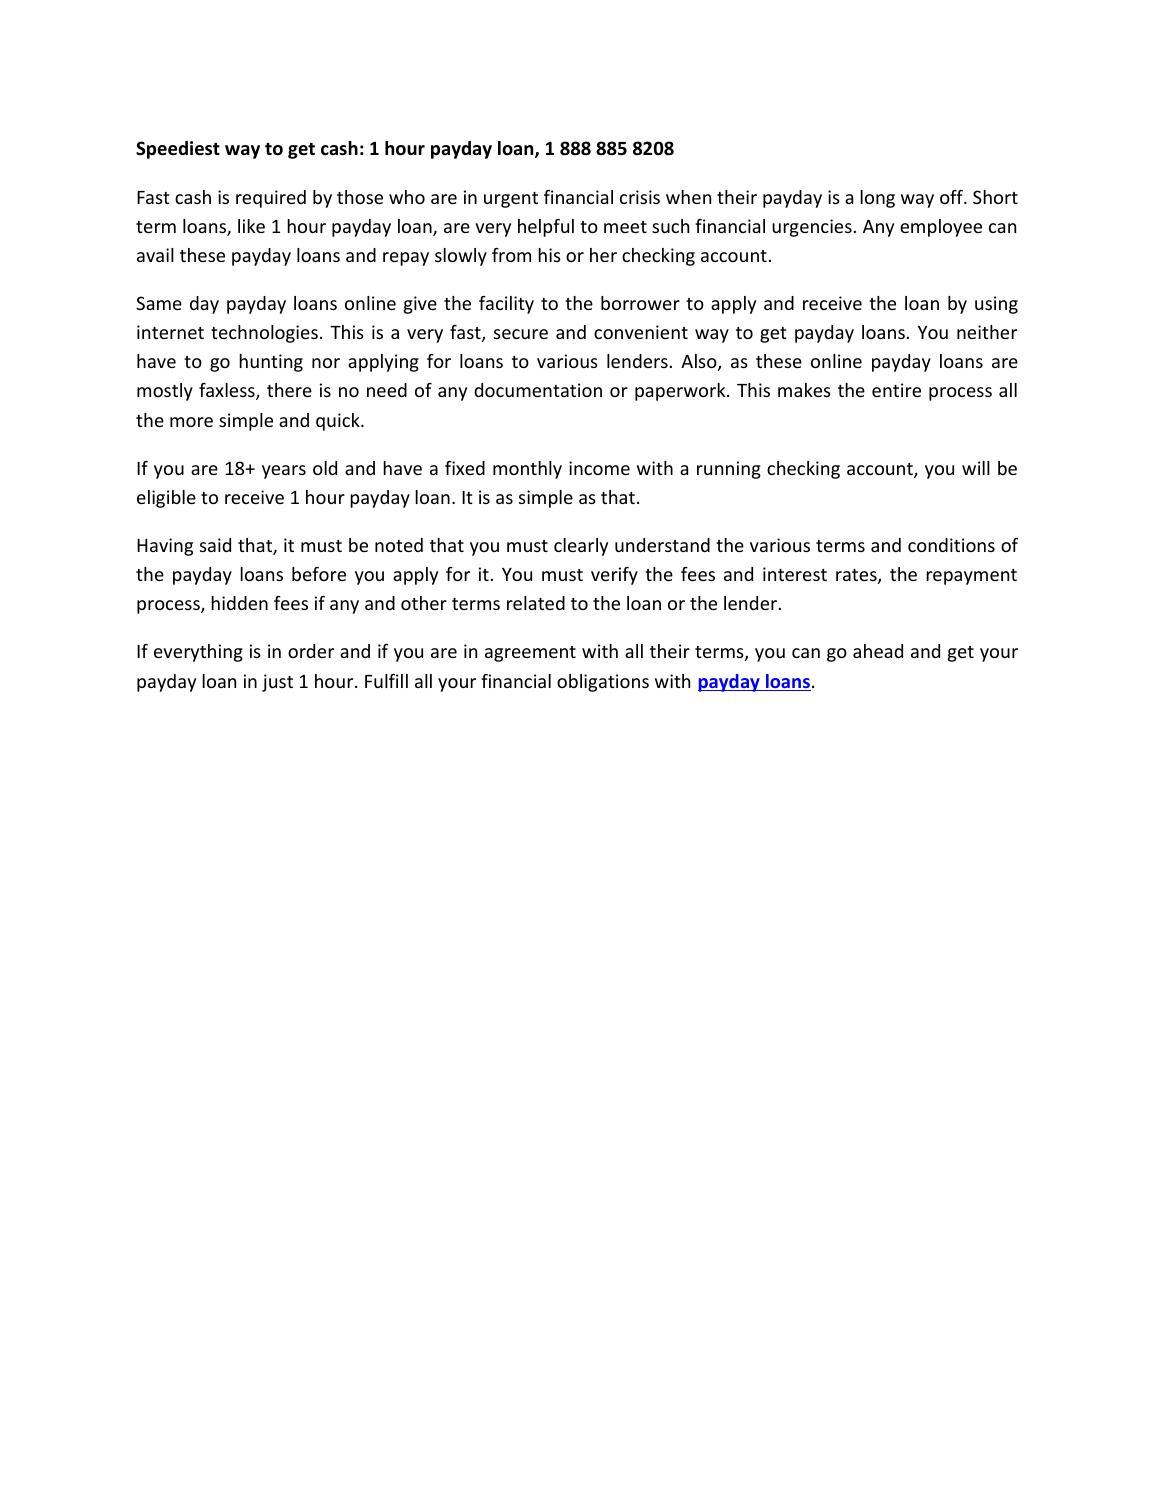 Payday loans uvalde tx image 3